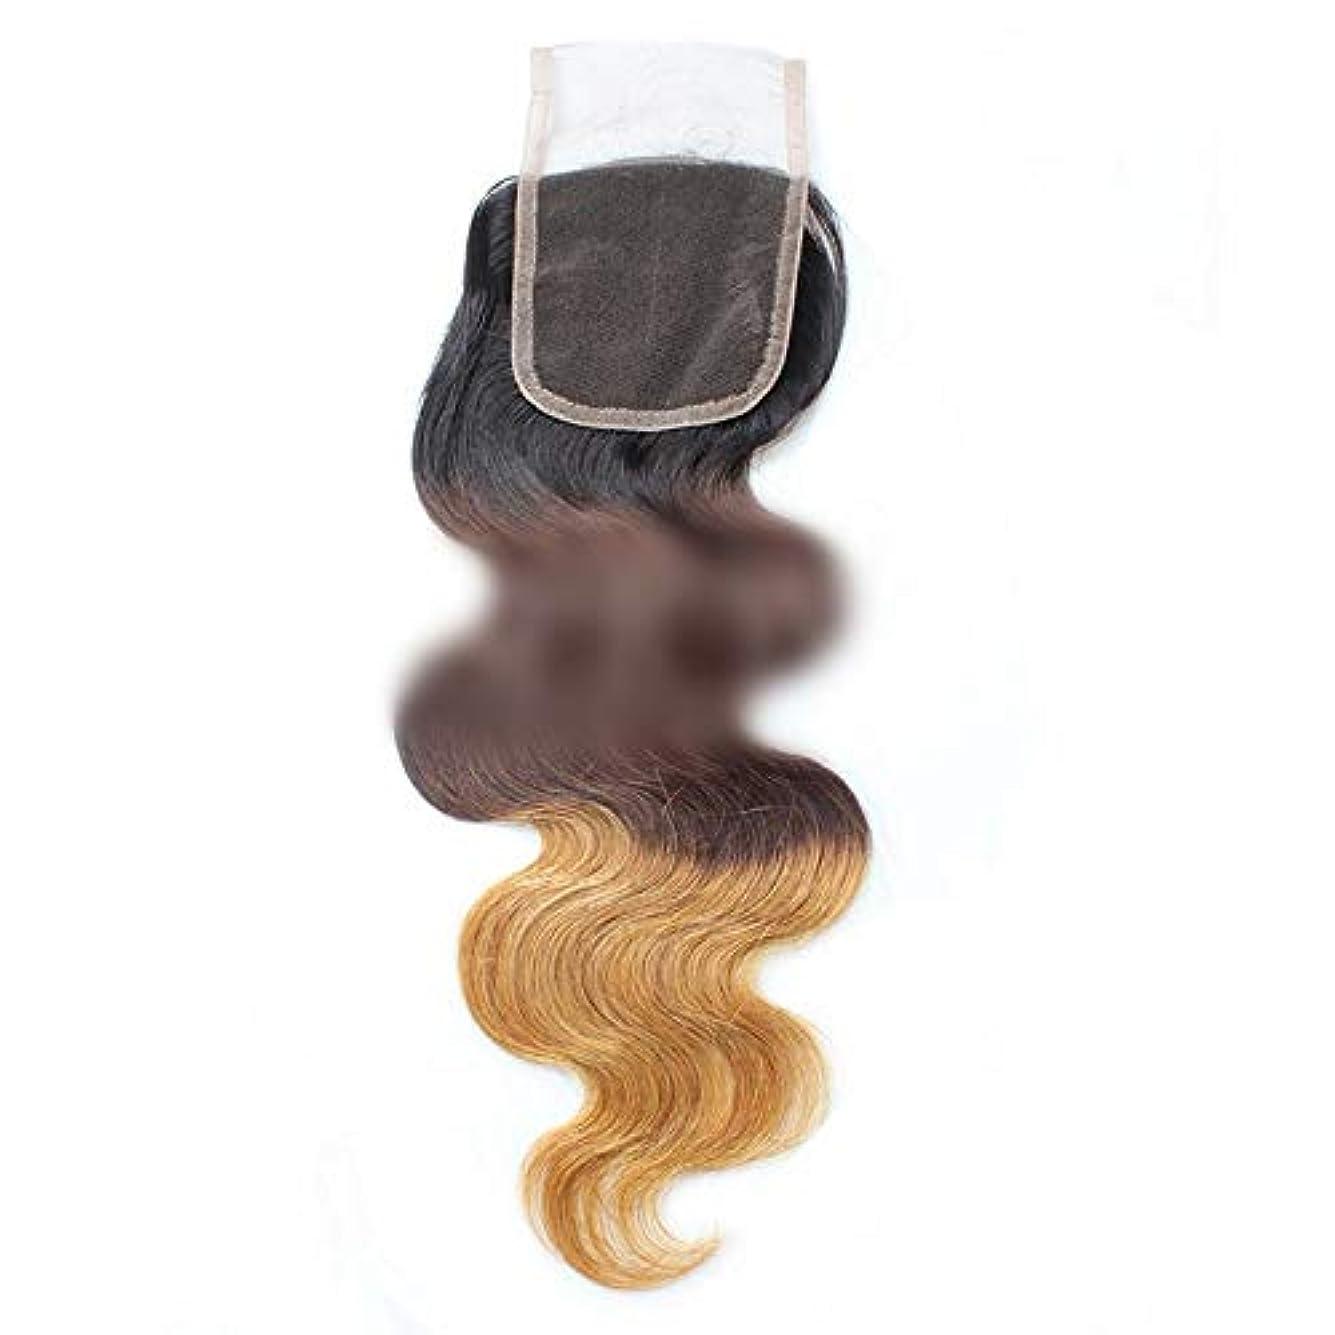 ソフトウェア痛みそばにBOBIDYEE 実体波4×4レース前頭閉鎖人間の髪の毛黒から茶色への3トーンカラー無料パートヘアコンポジットヘアレースかつらロールプレイングかつらロングとショート女性自然 (色 : ブラウン, サイズ : 18 inch)